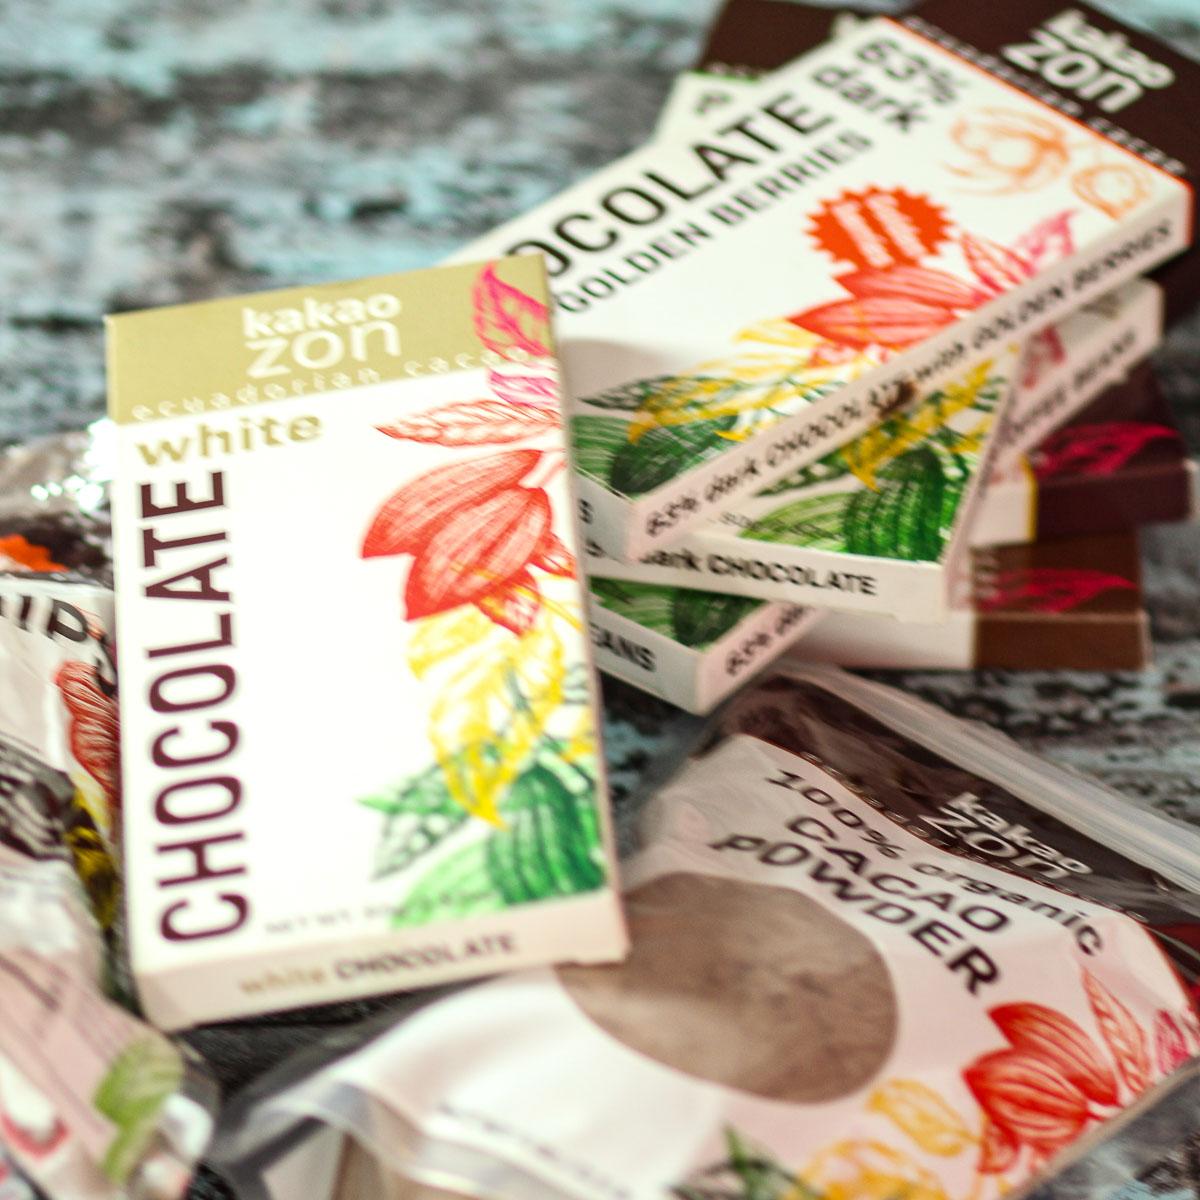 Kakaozon IG 2